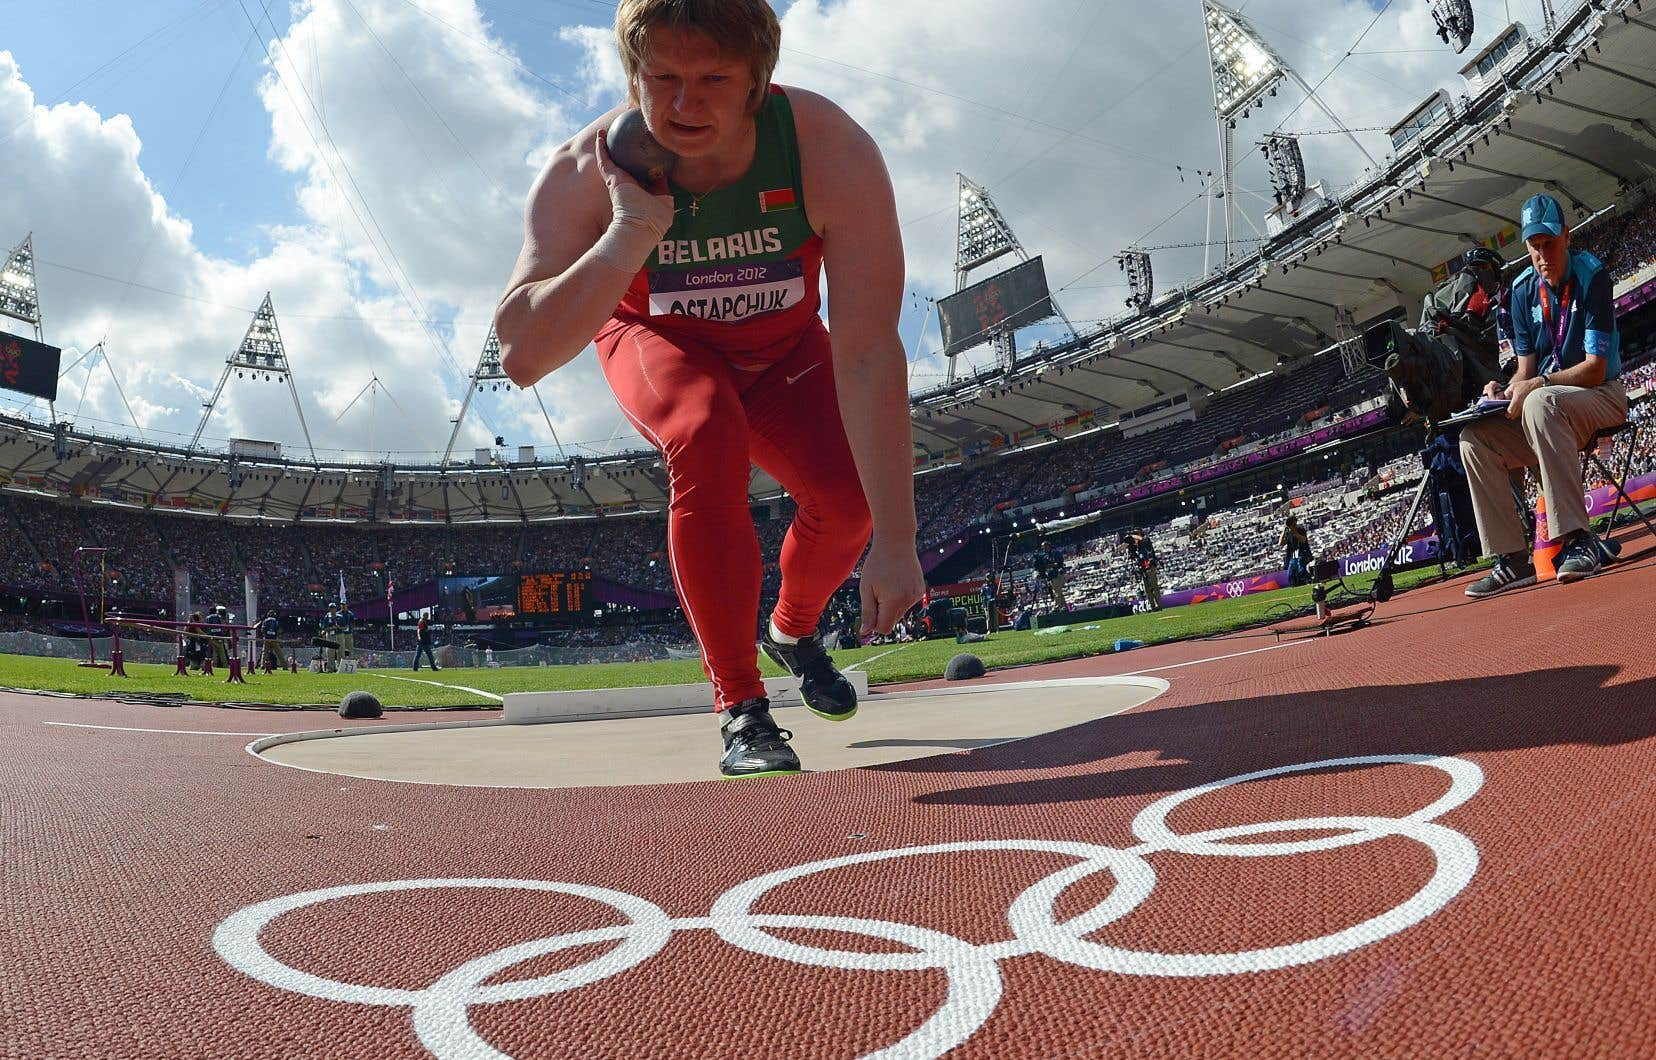 Nadezhda Ostapchuk a certes été déchue de son titre olympique des Jeux de Londres de 2012, mais elle s'est aussi ouvertement opposée à Alexandre Loukachenko ces vingt dernières années.